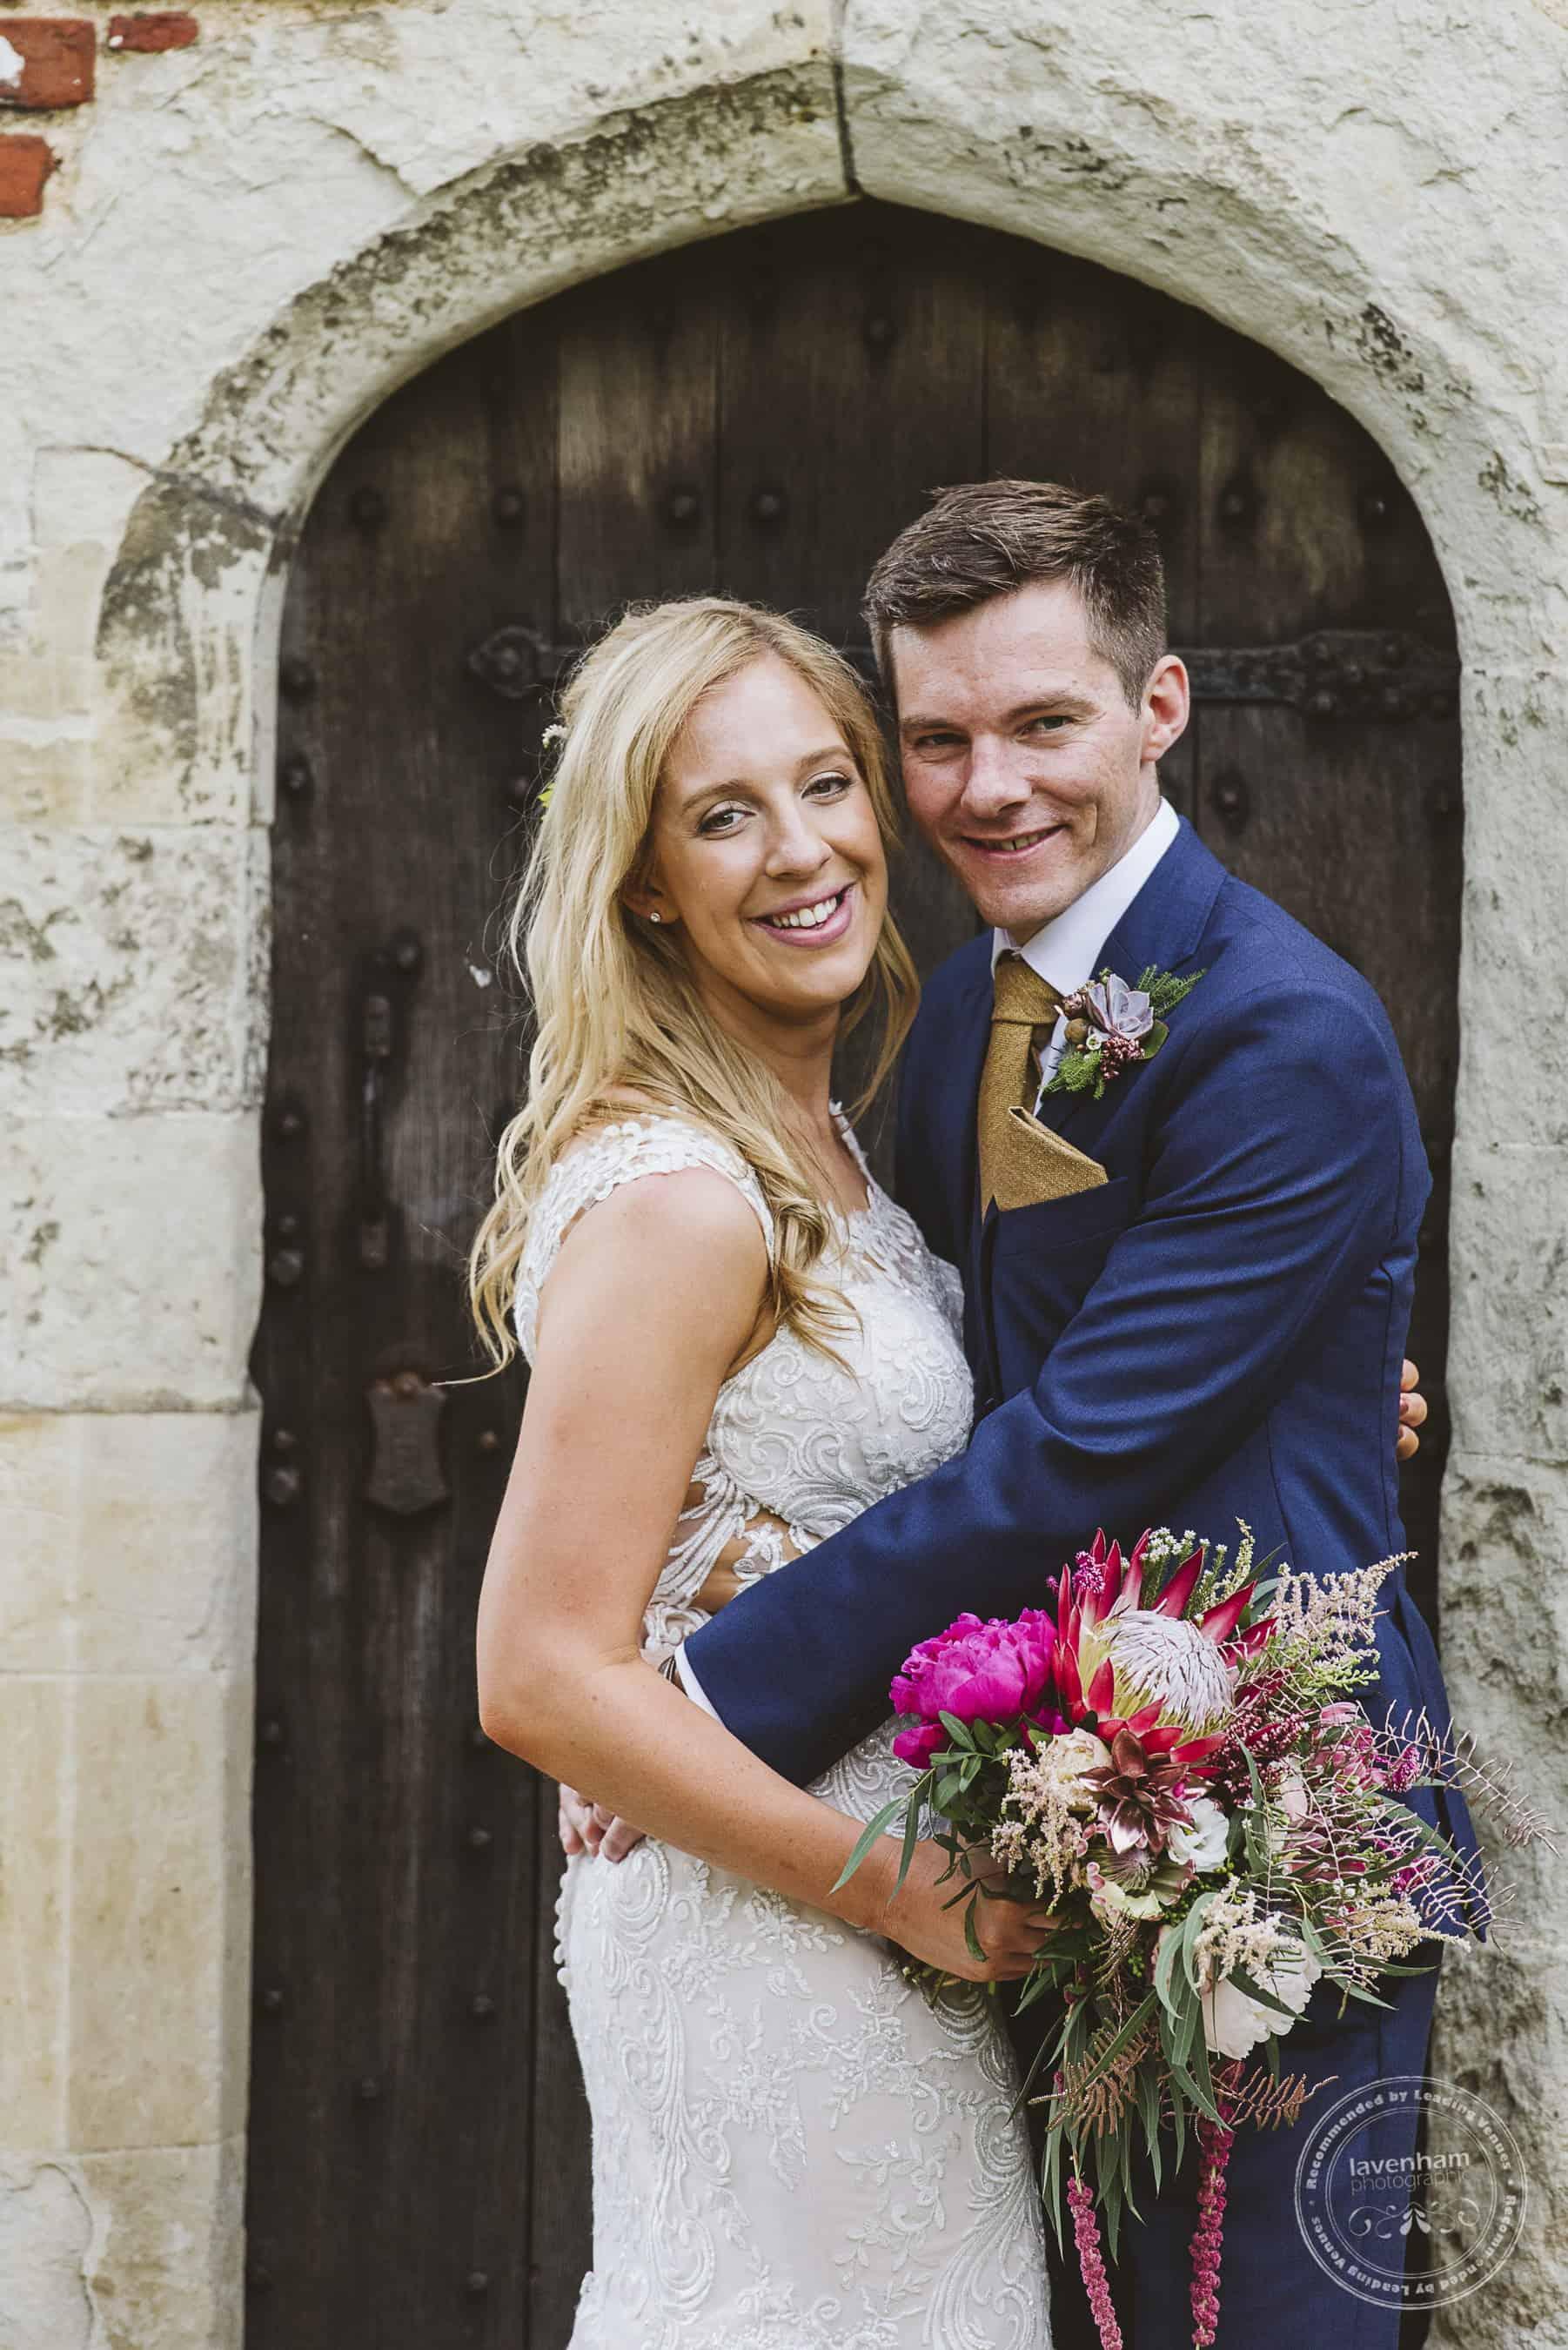 020618 Leez Priory Wedding Photography Lavenham Photographic 098